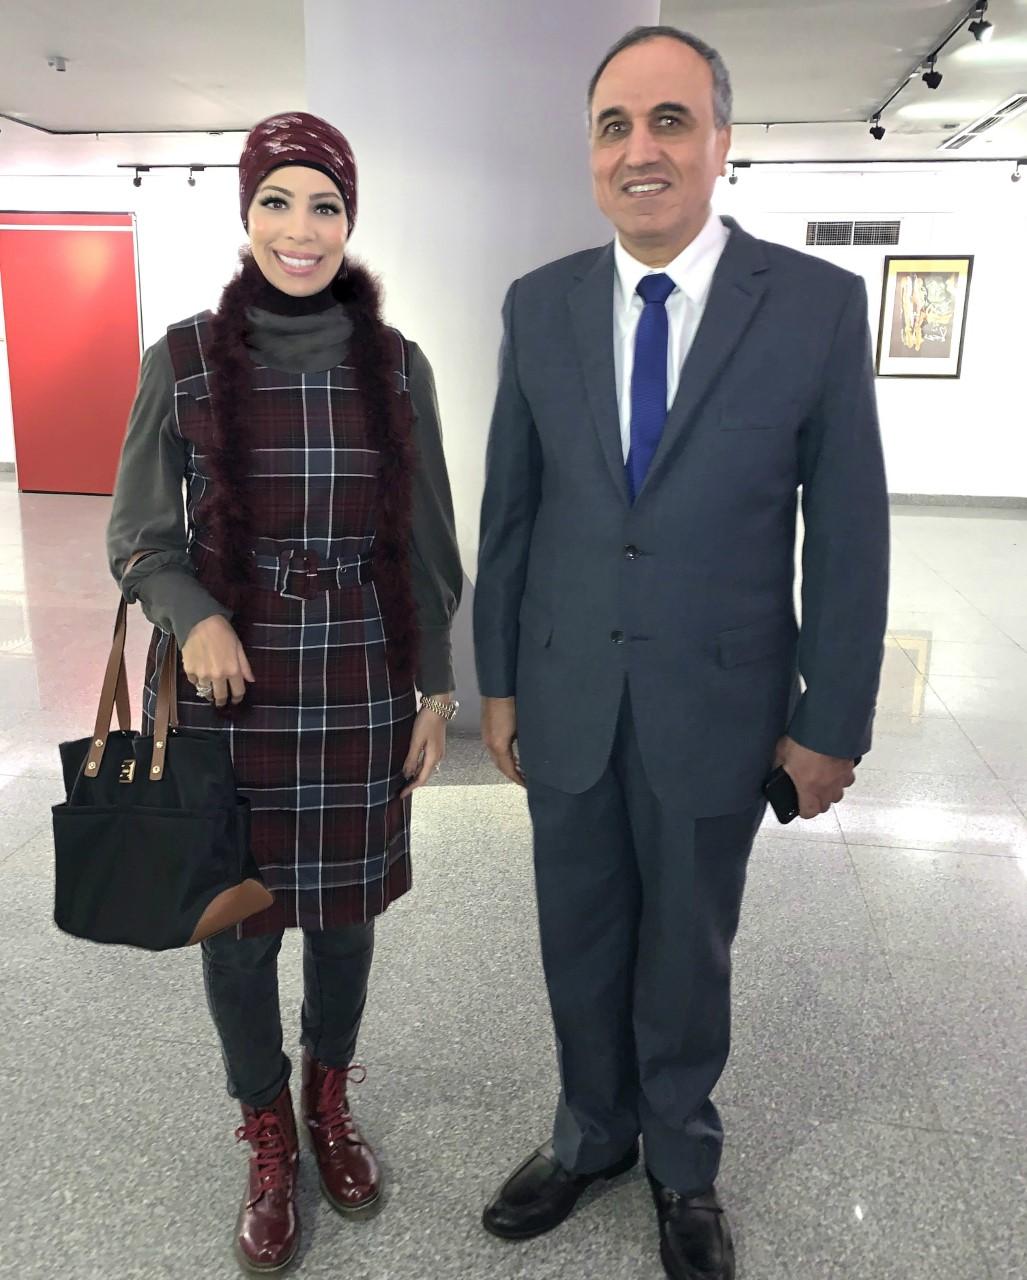 مع دكتور عبد المحسن سلامة رئيس مجلس إدارة مؤسسة الأهرام الصحفية  10-12-2019